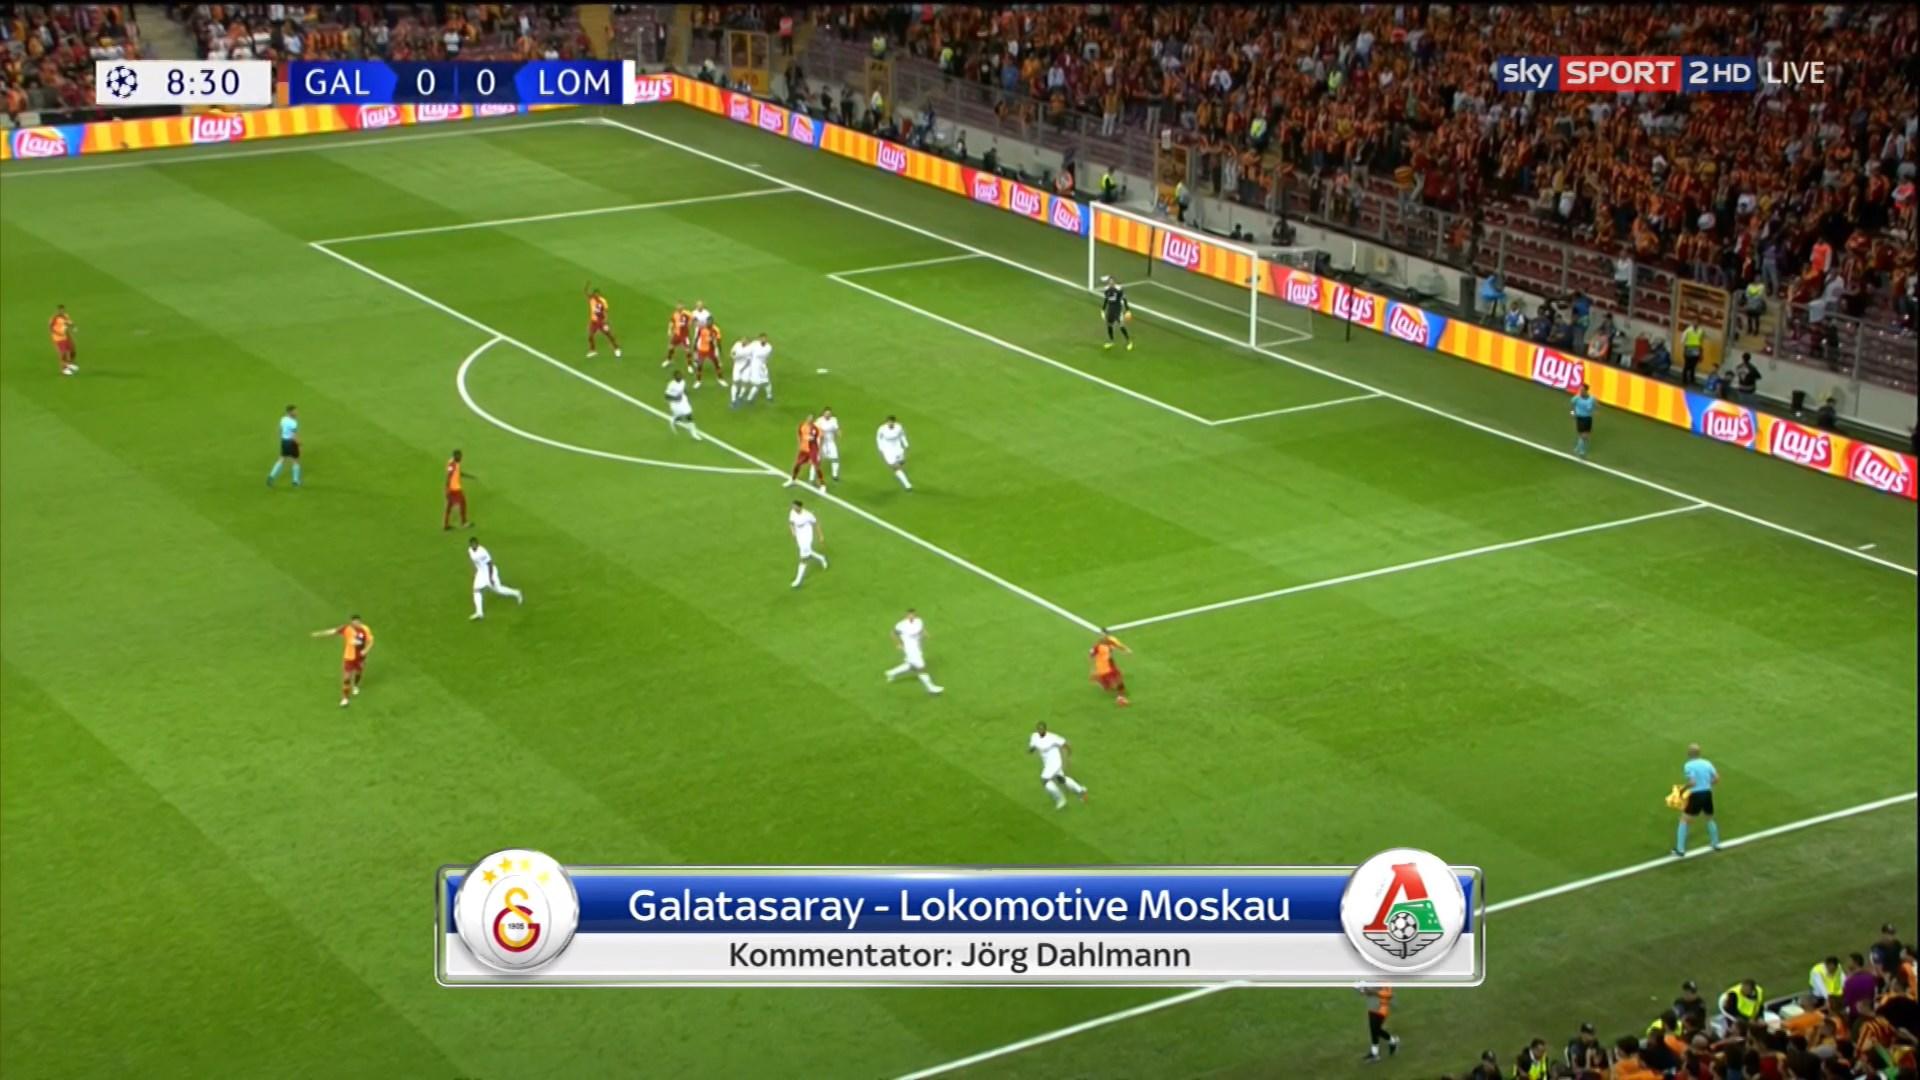 smotret-futbol-onlayn-pryamaya-translyatsiya-liga-chempionov-ntv-futbol-porno-video-zhena-ebetsya-s-lyubovnikom-pri-muzhe